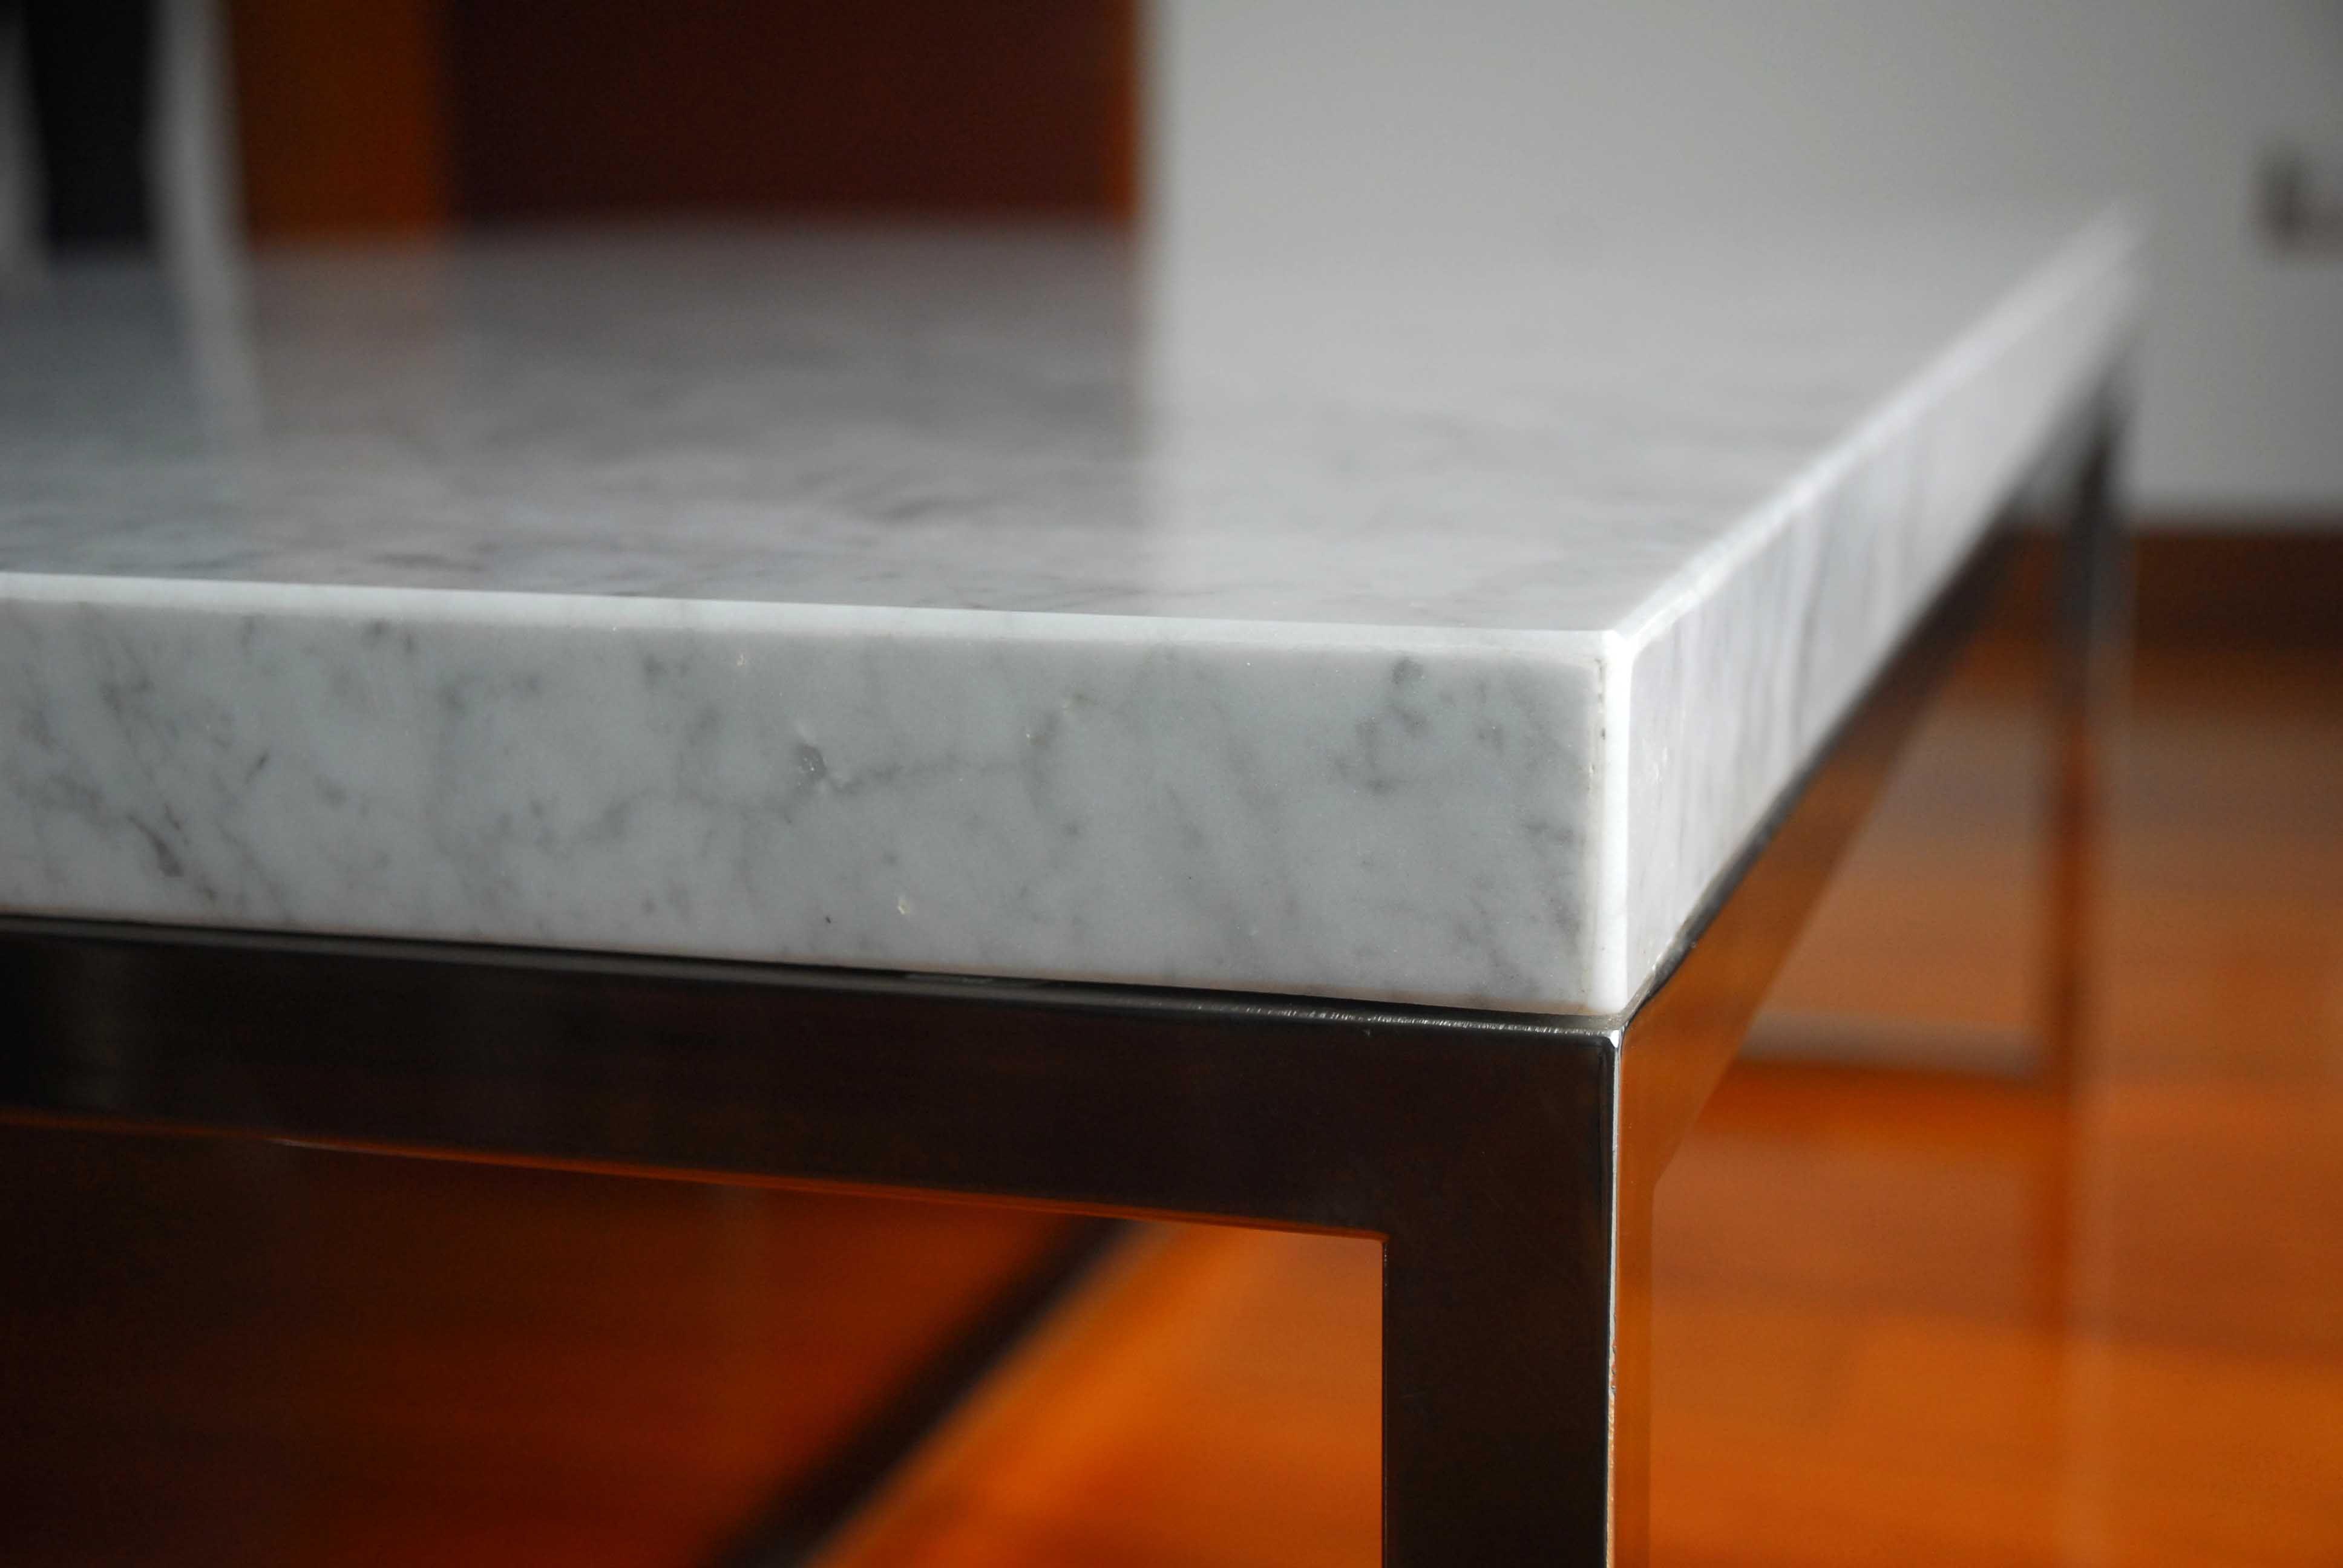 Mesa de centro marmol carrara y acero inoxidable jardin for Marmol de carrara para cocinas